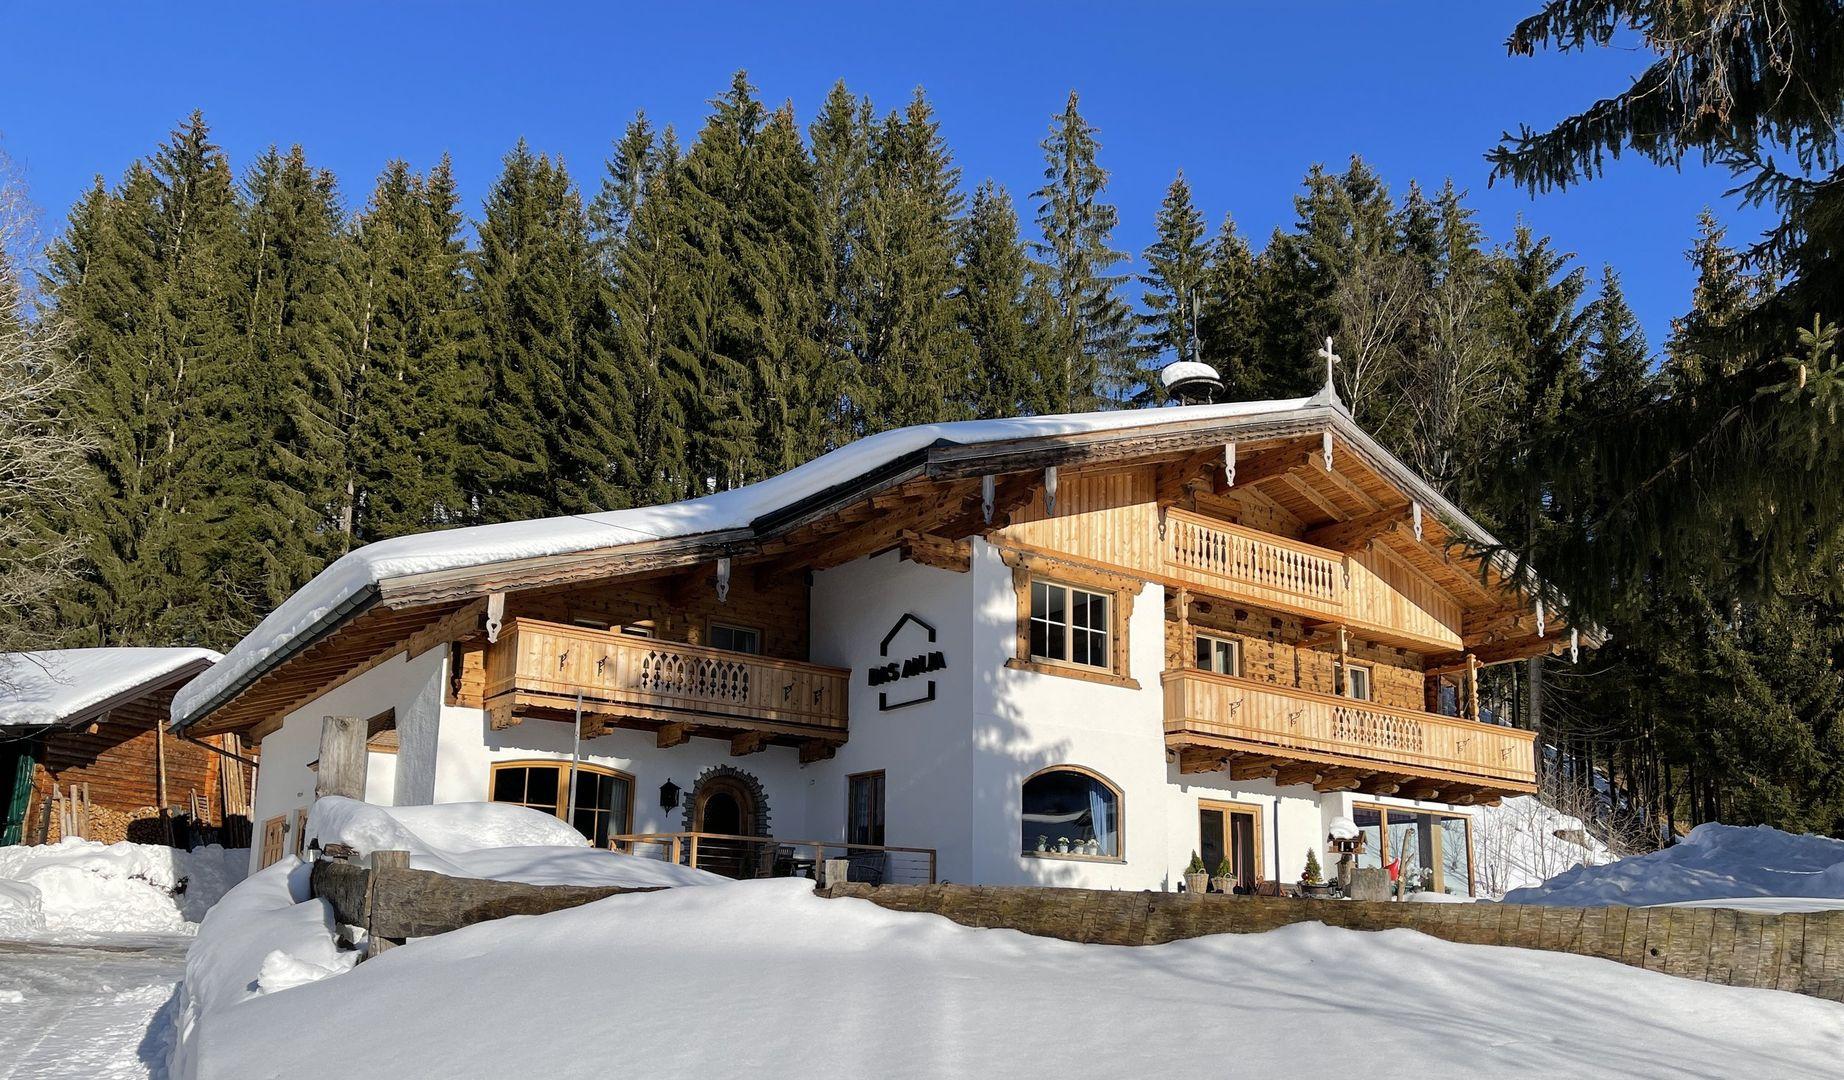 Meer info over Das Anja Alt Filzmoos  bij Wintertrex